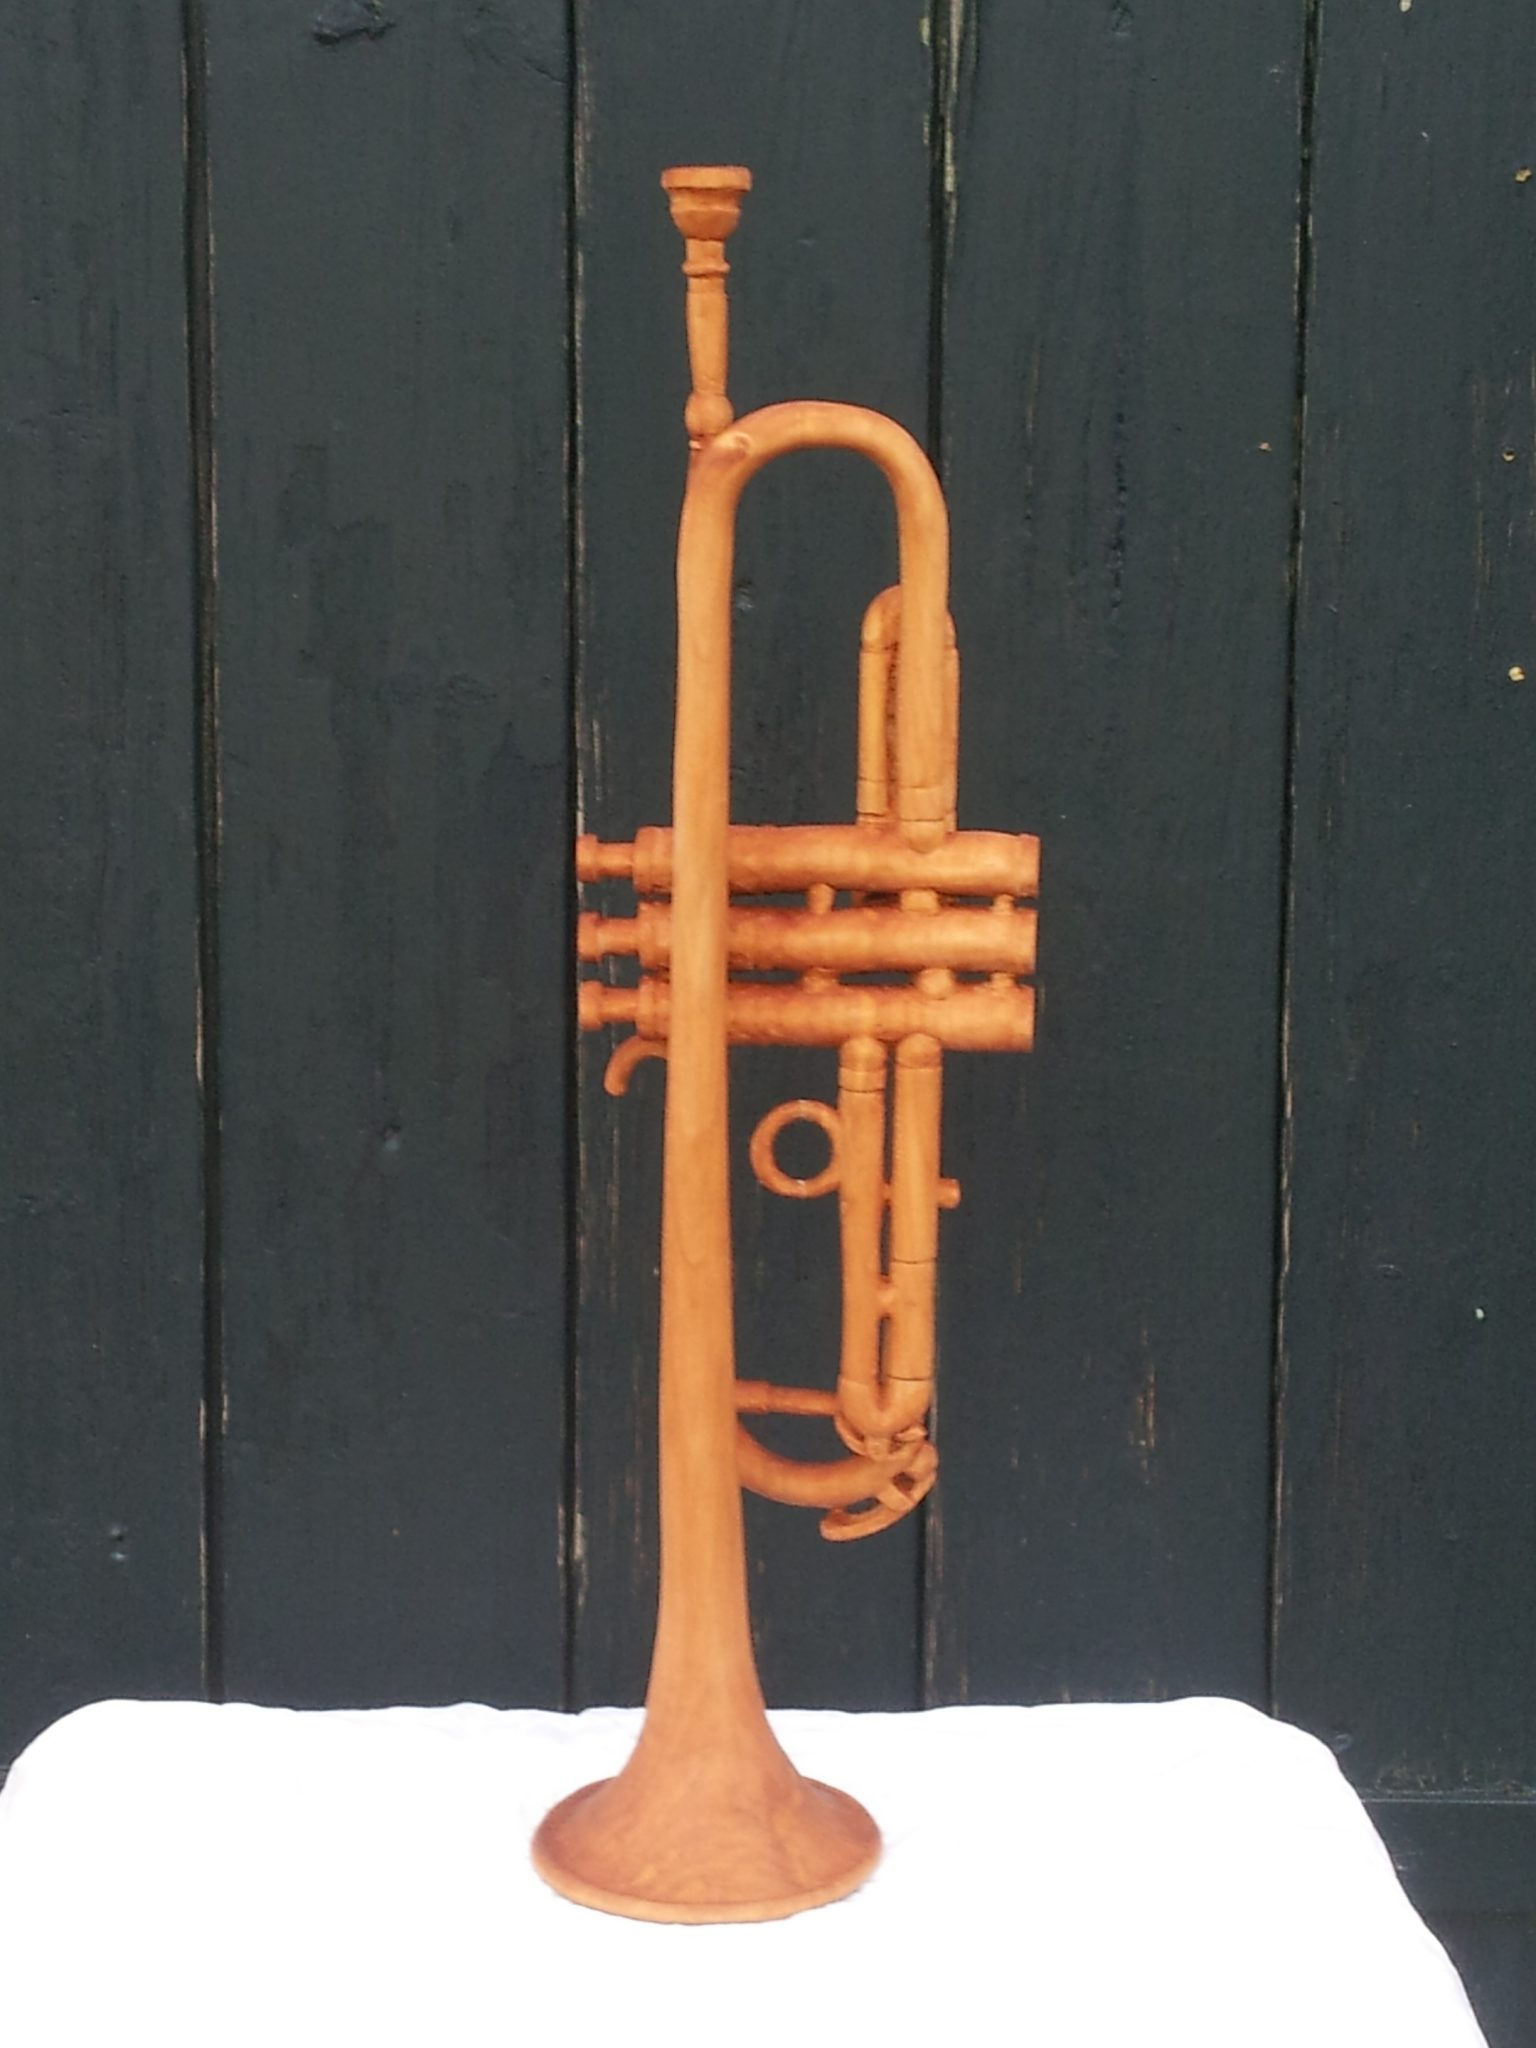 Billedskærer, trompet skåret i træ